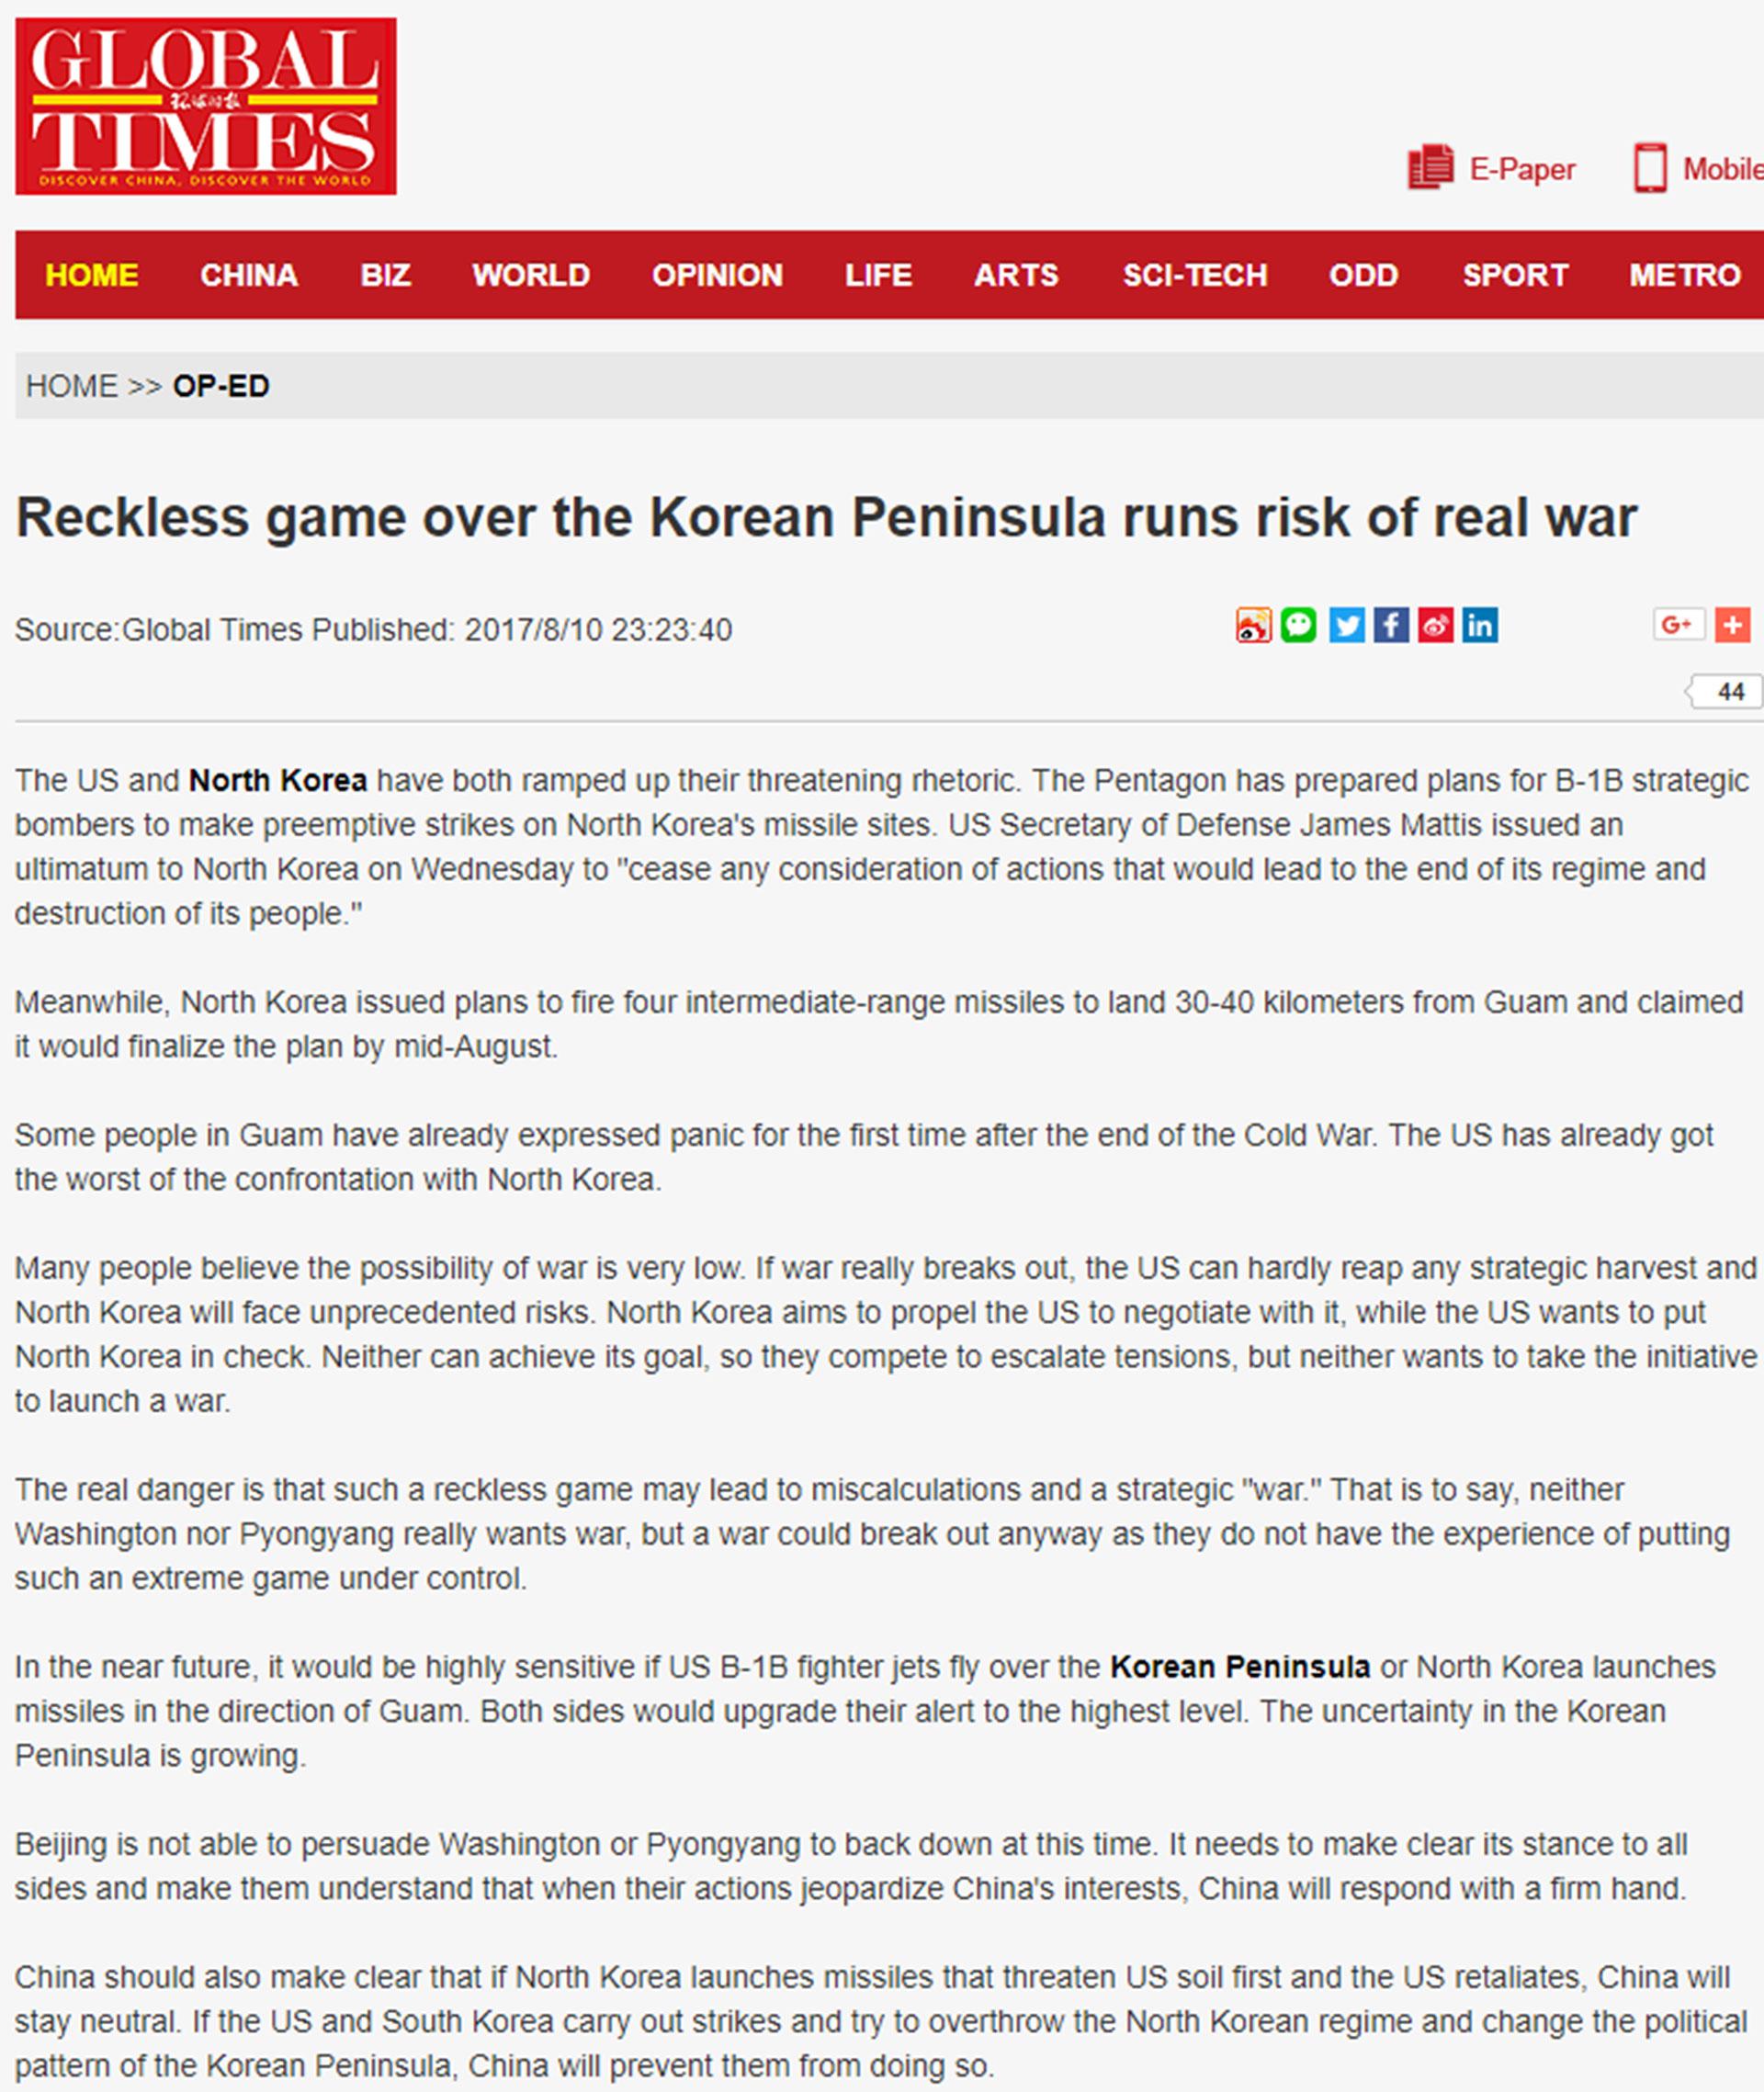 La editorial de Global Times sugiere que Pekín debe evitar la caída de Kim Jong-un, pero no acompañar una agresión militar a Estados Unidos